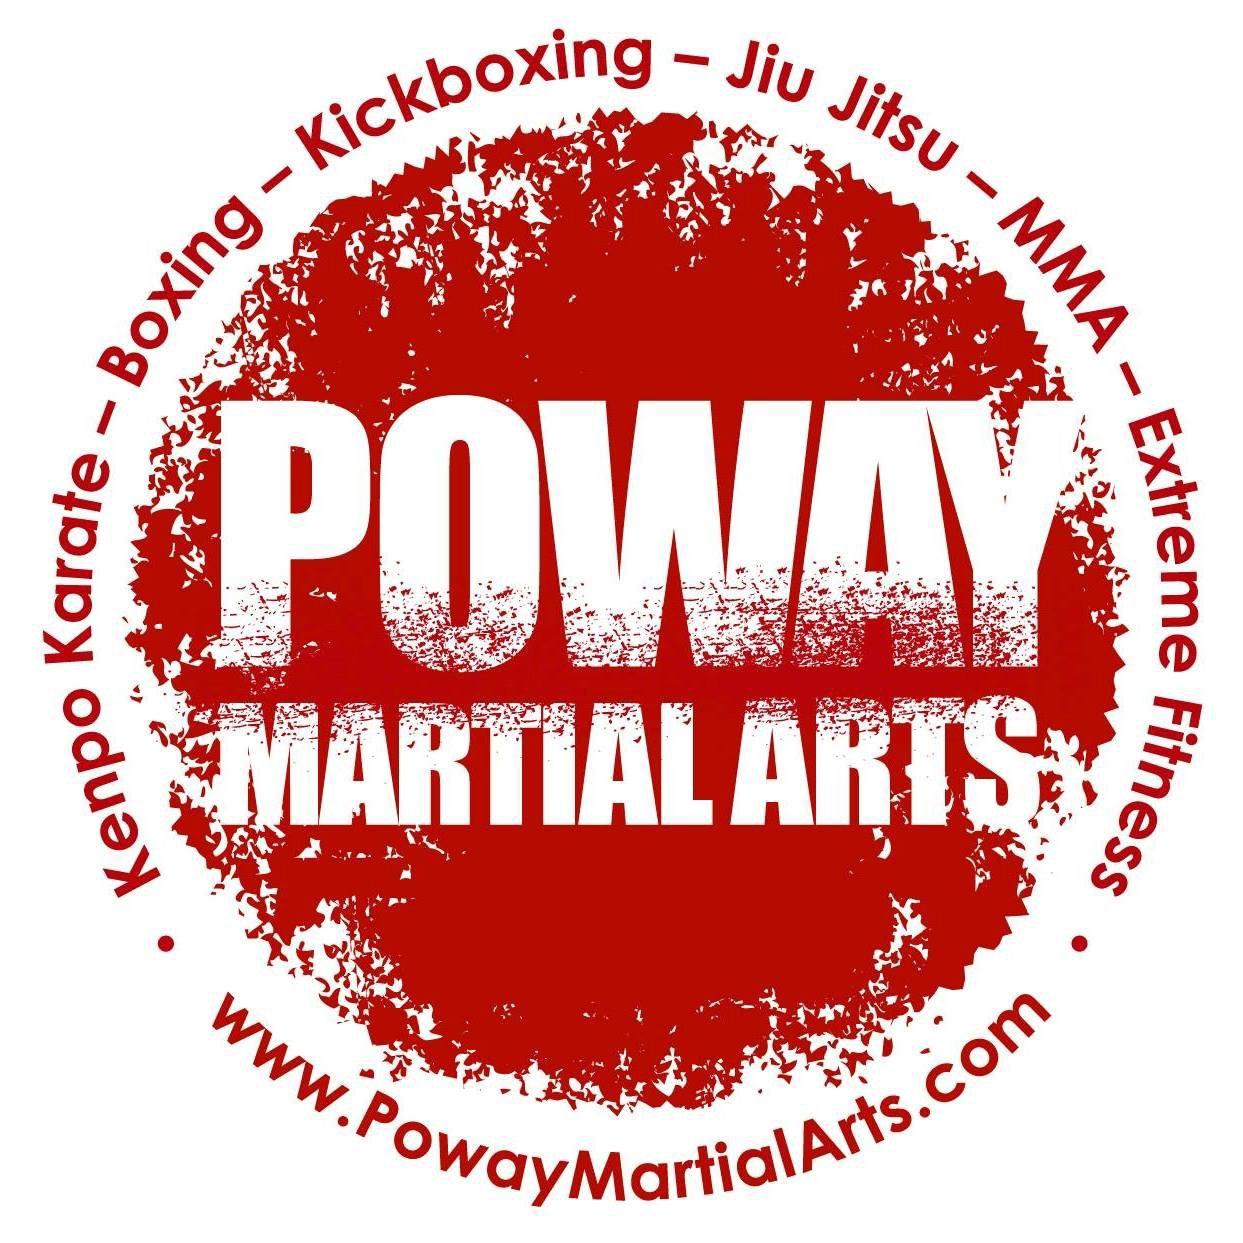 poway-martials-arts